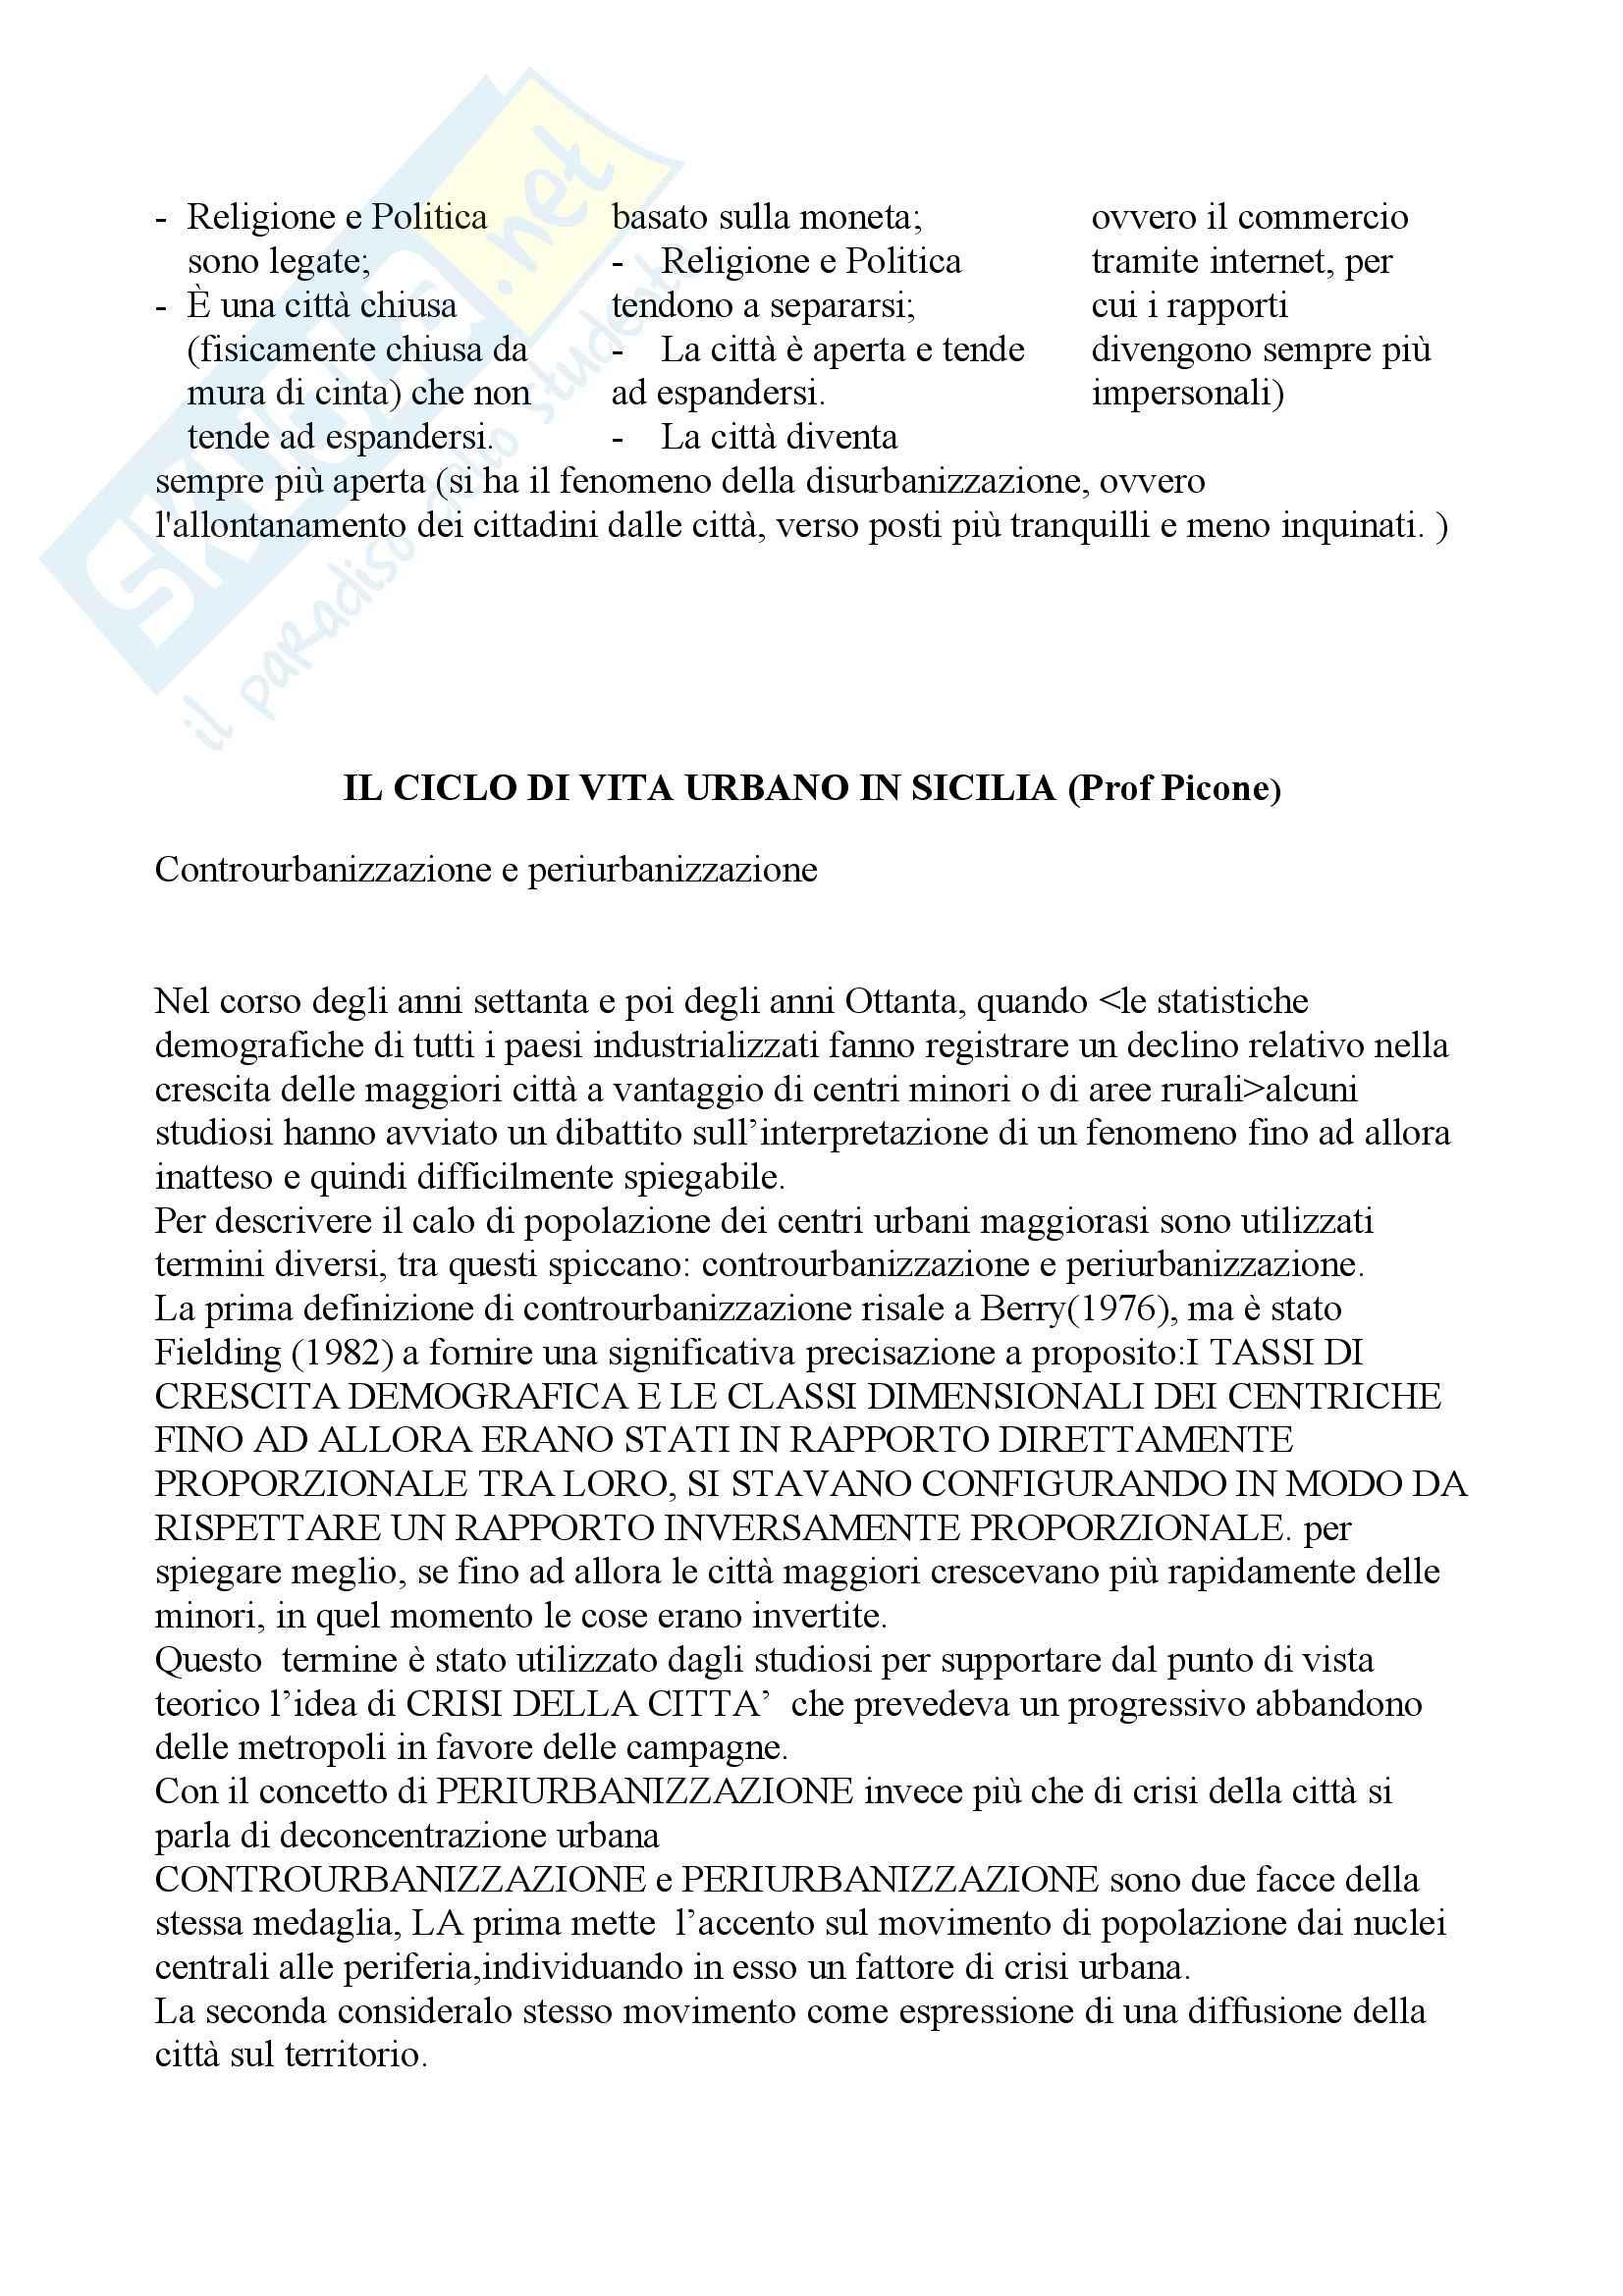 Geografia e processi territoriali - Appunti Pag. 6